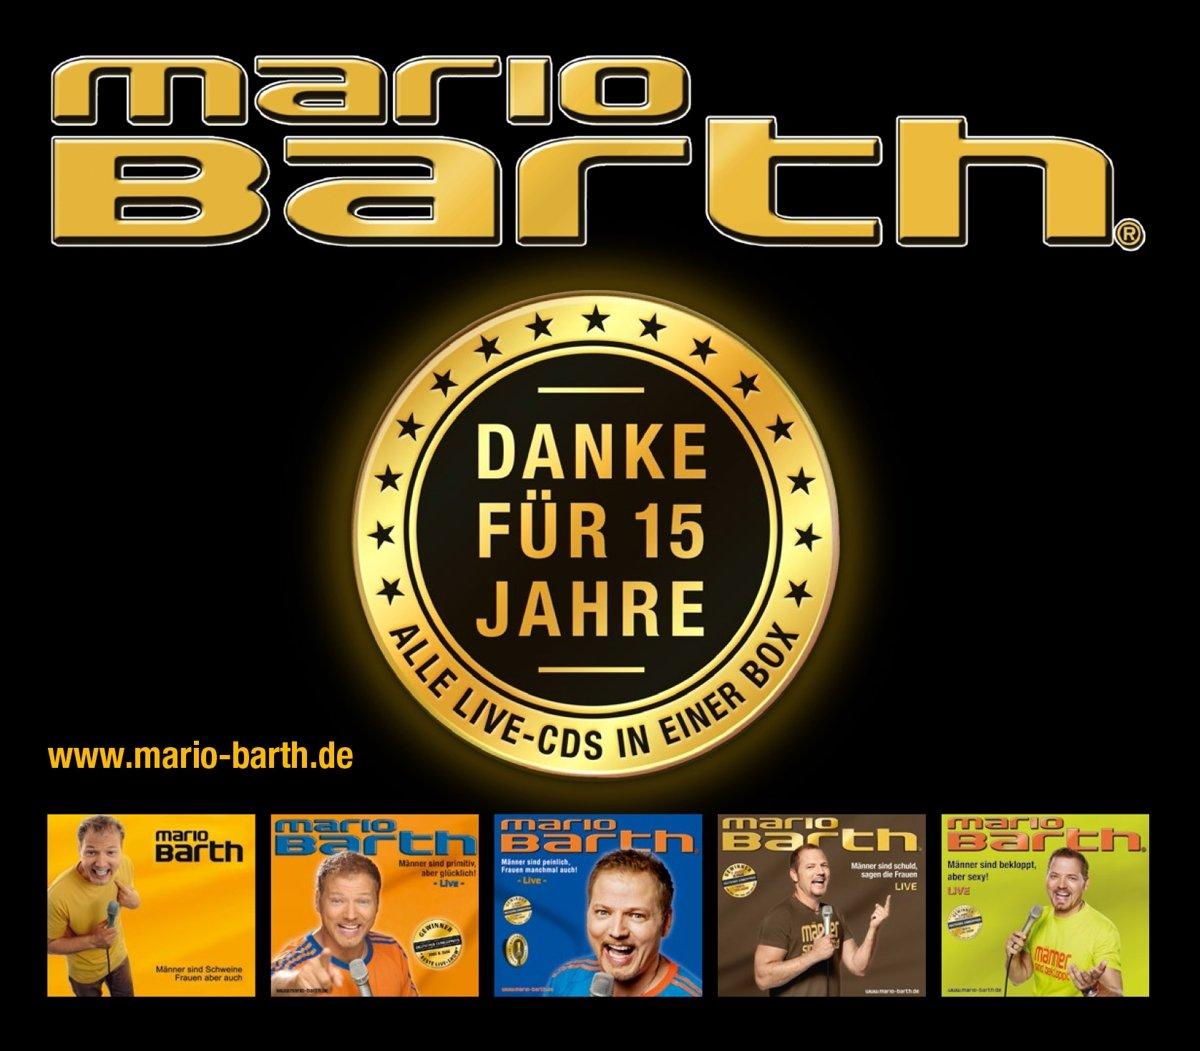 Mario Barth-Danke Fuer 15 Jahre Alle Live-CDs In Einer Box-DE-6CD-FLAC-2017-NBFLAC Download